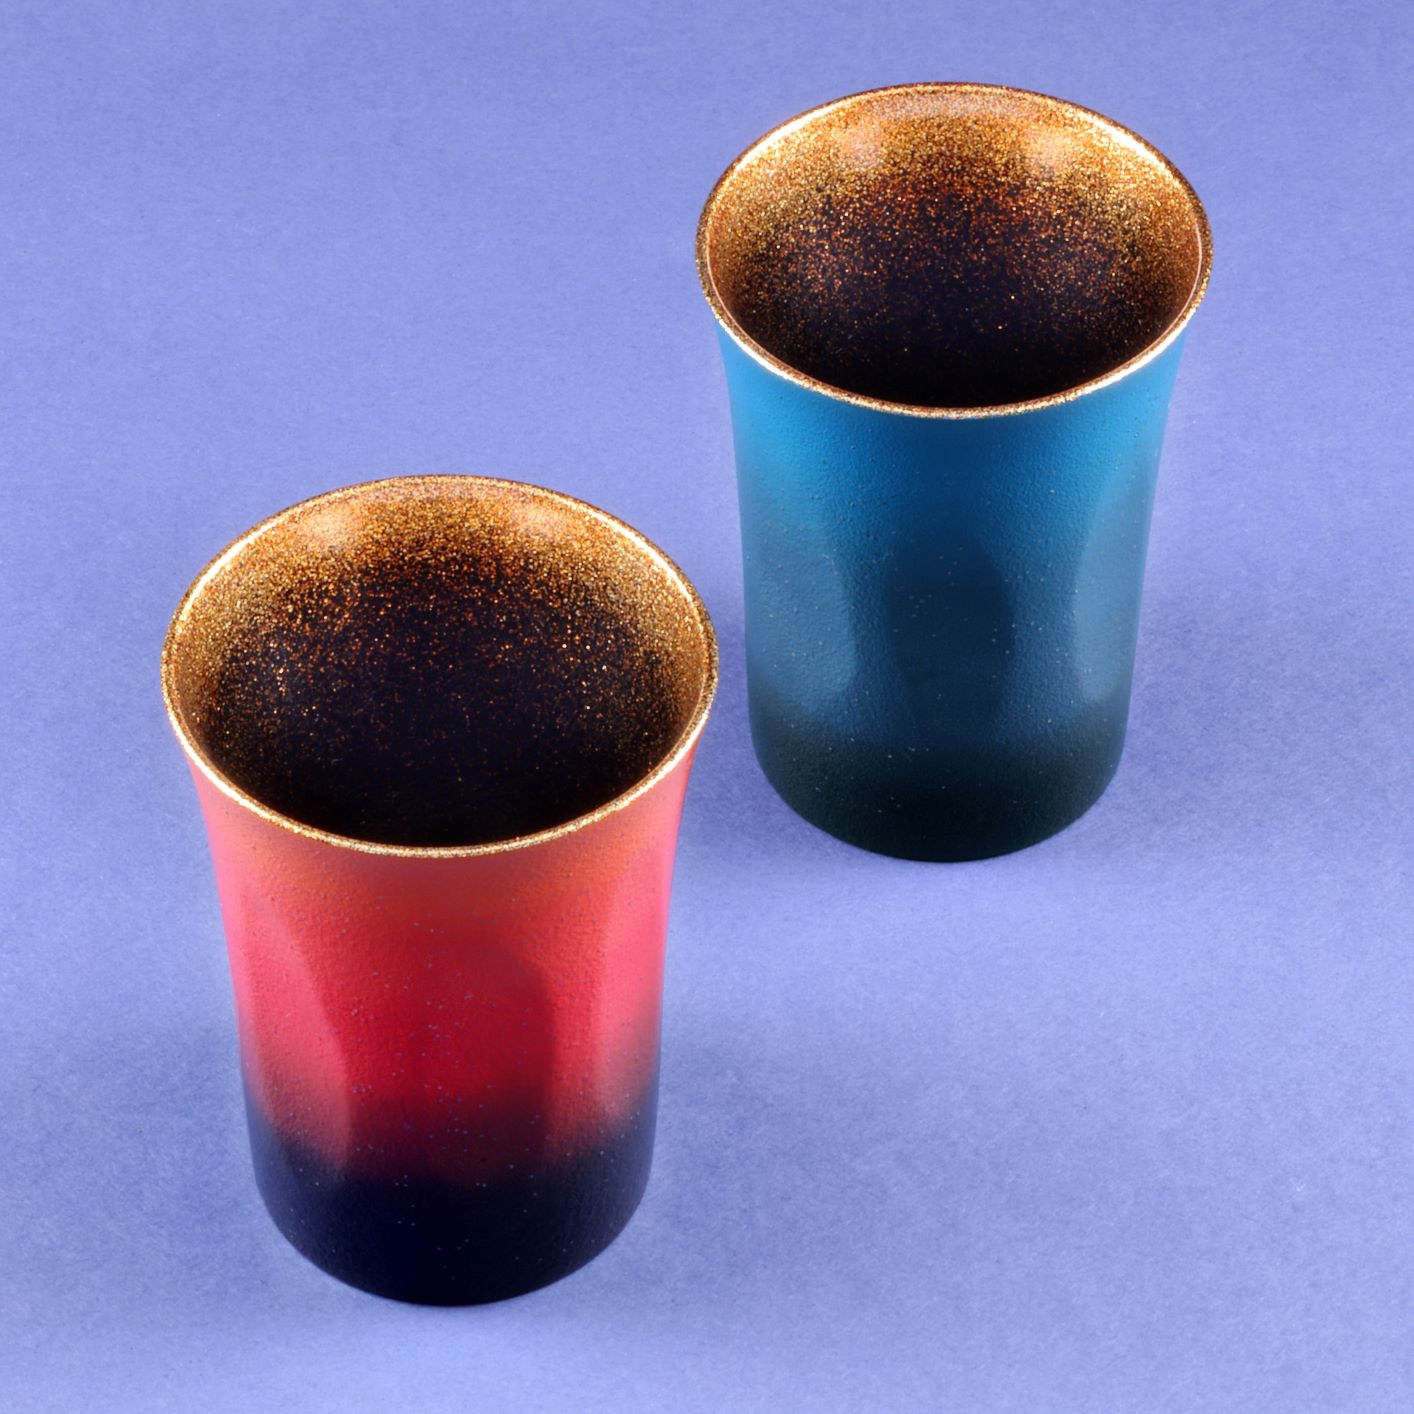 【522】欅の漆塗りカップ(日・漆芸 よした華正工房)(週刊新潮紹介)